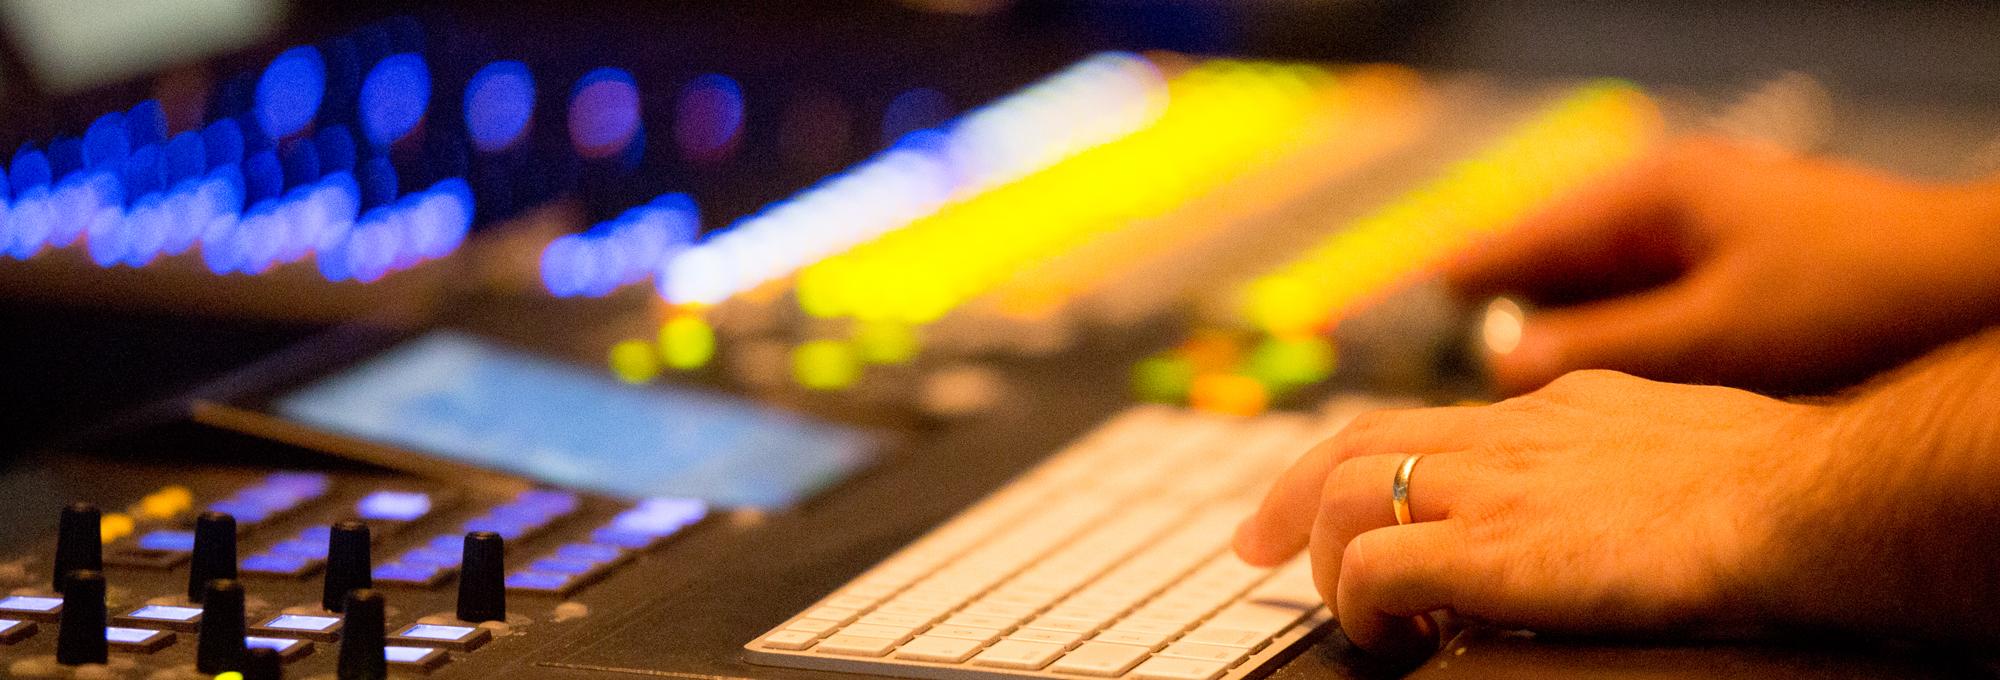 Edição e mixagem de som: entenda melhor as diferenças entre elas